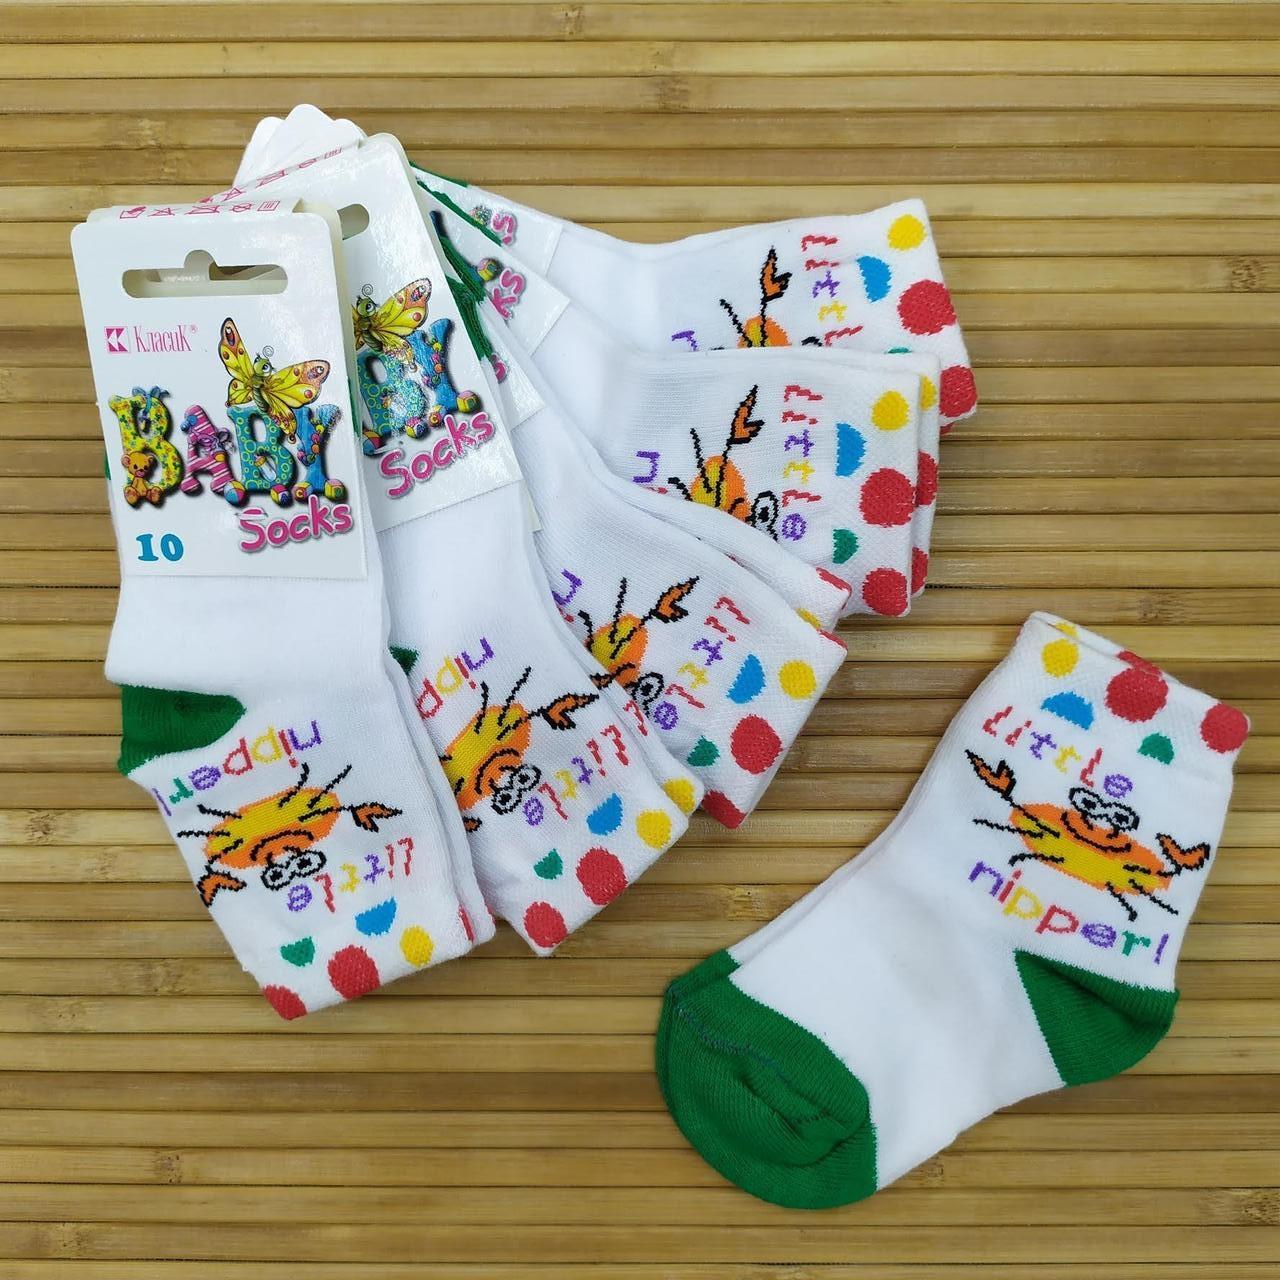 Носки детские демисезонные Класик Украина 10 размер крабик НДД-080651